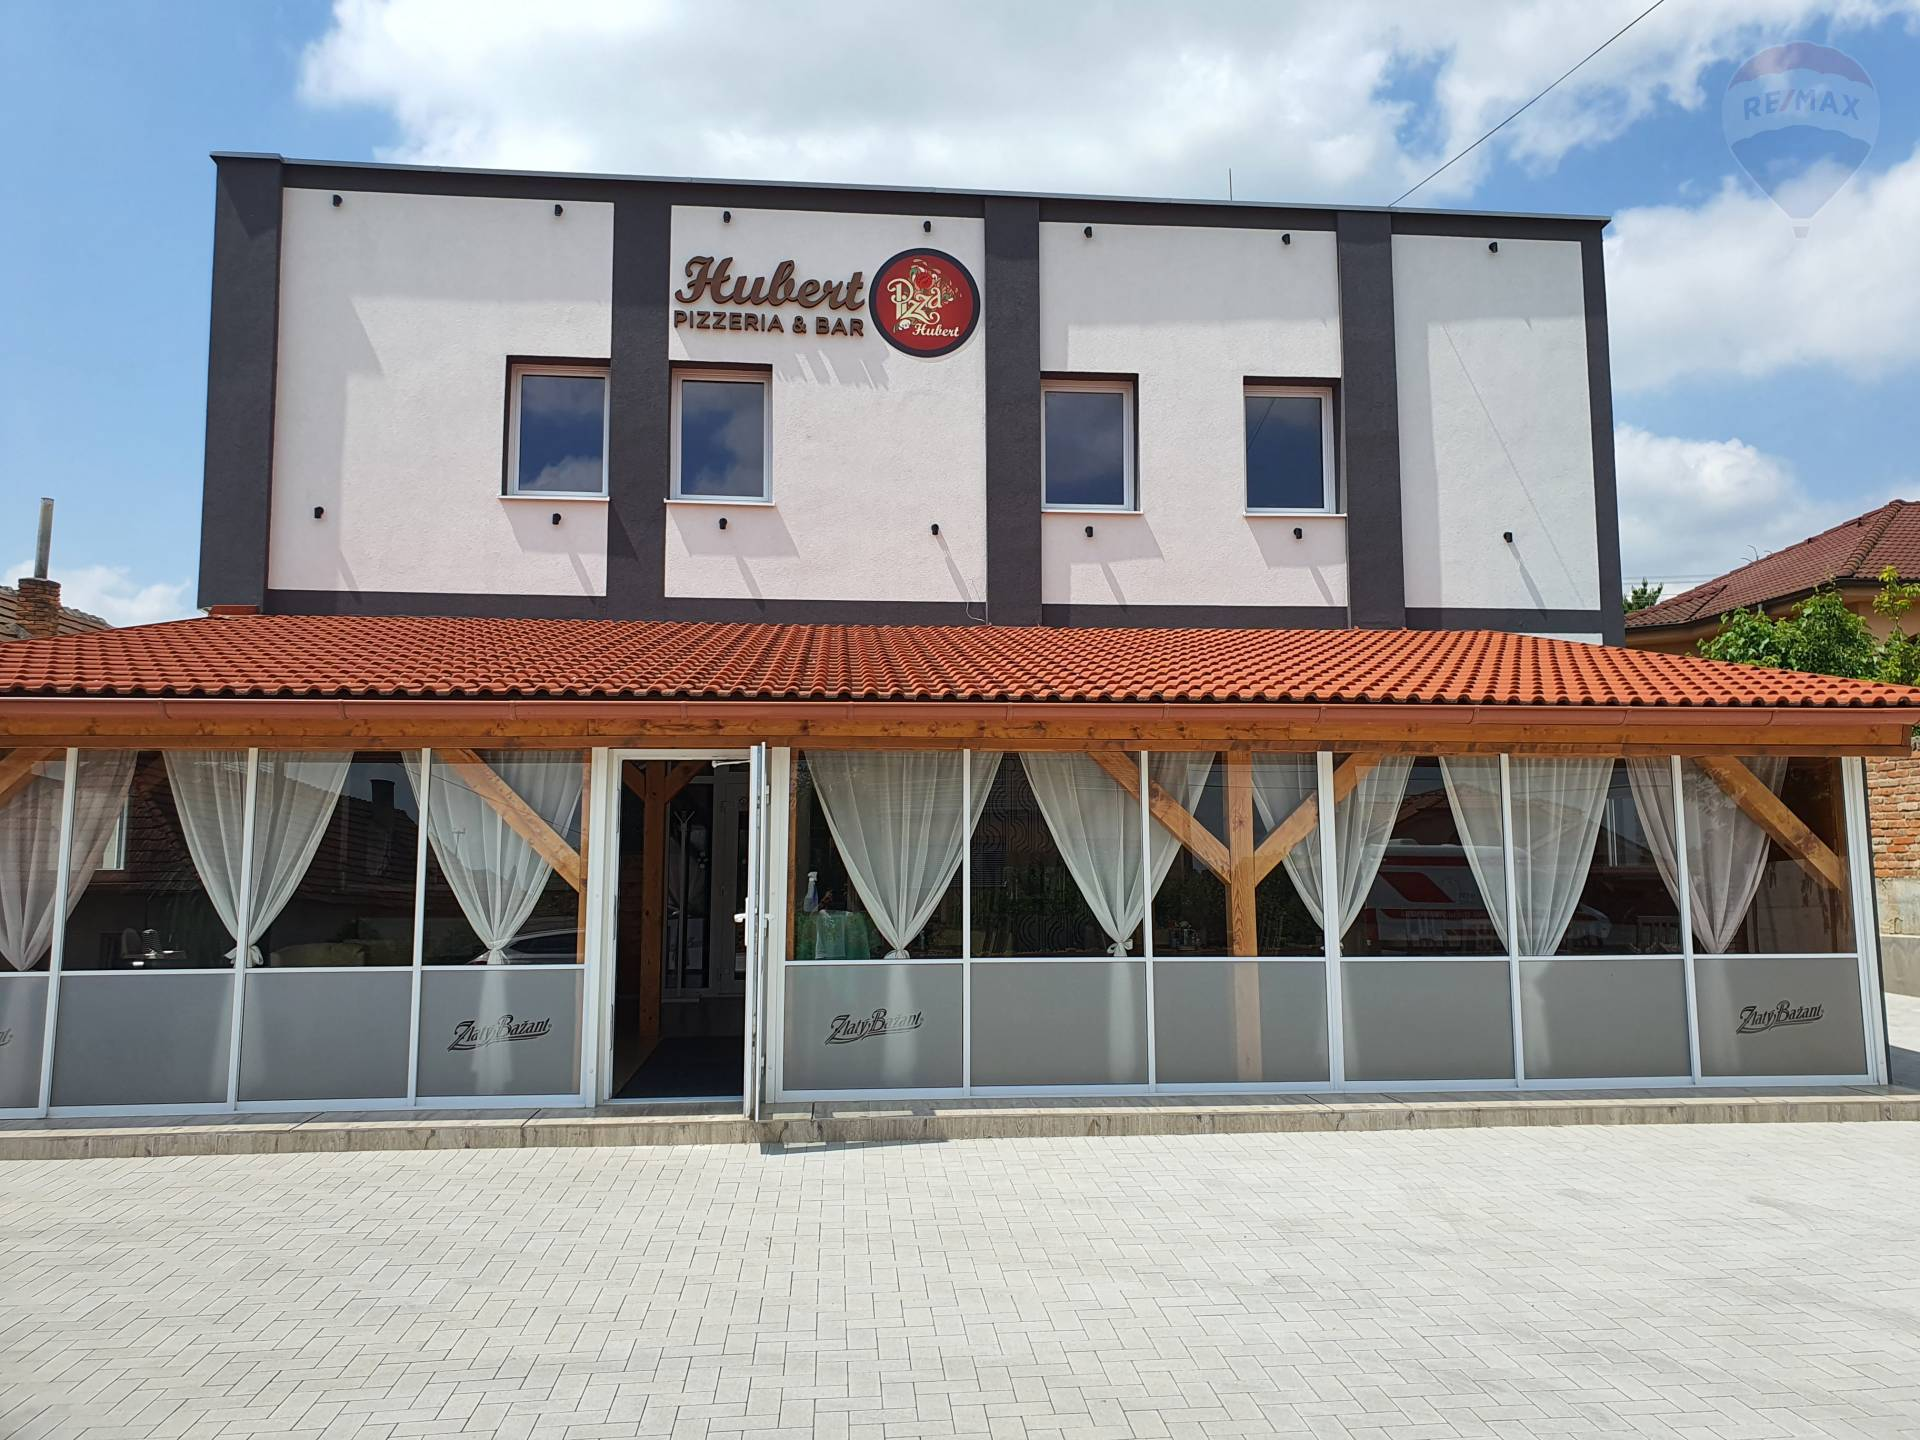 Budova obchodu a služieb, podnikateľský potenciál, zabehnutá reštaurácia